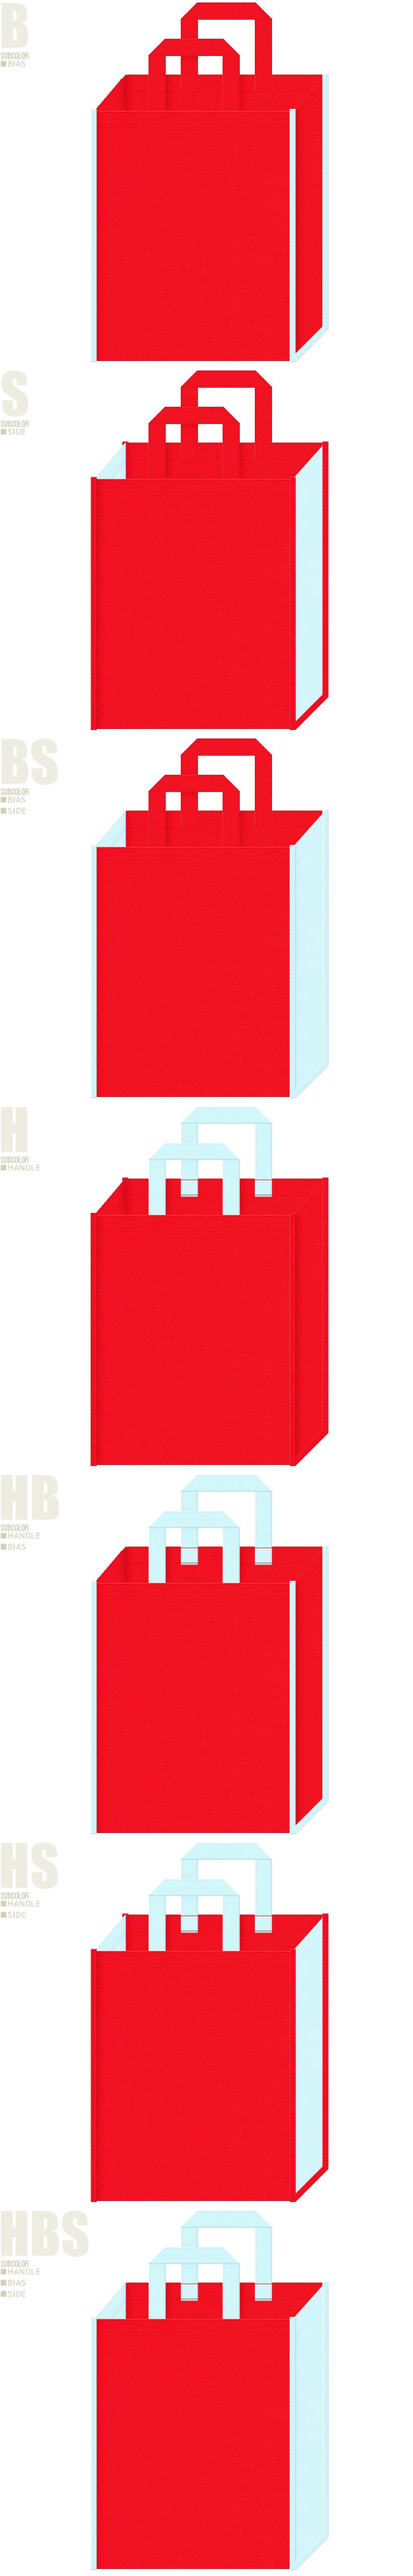 赤色と水色、7パターンの不織布トートバッグ配色デザイン例。